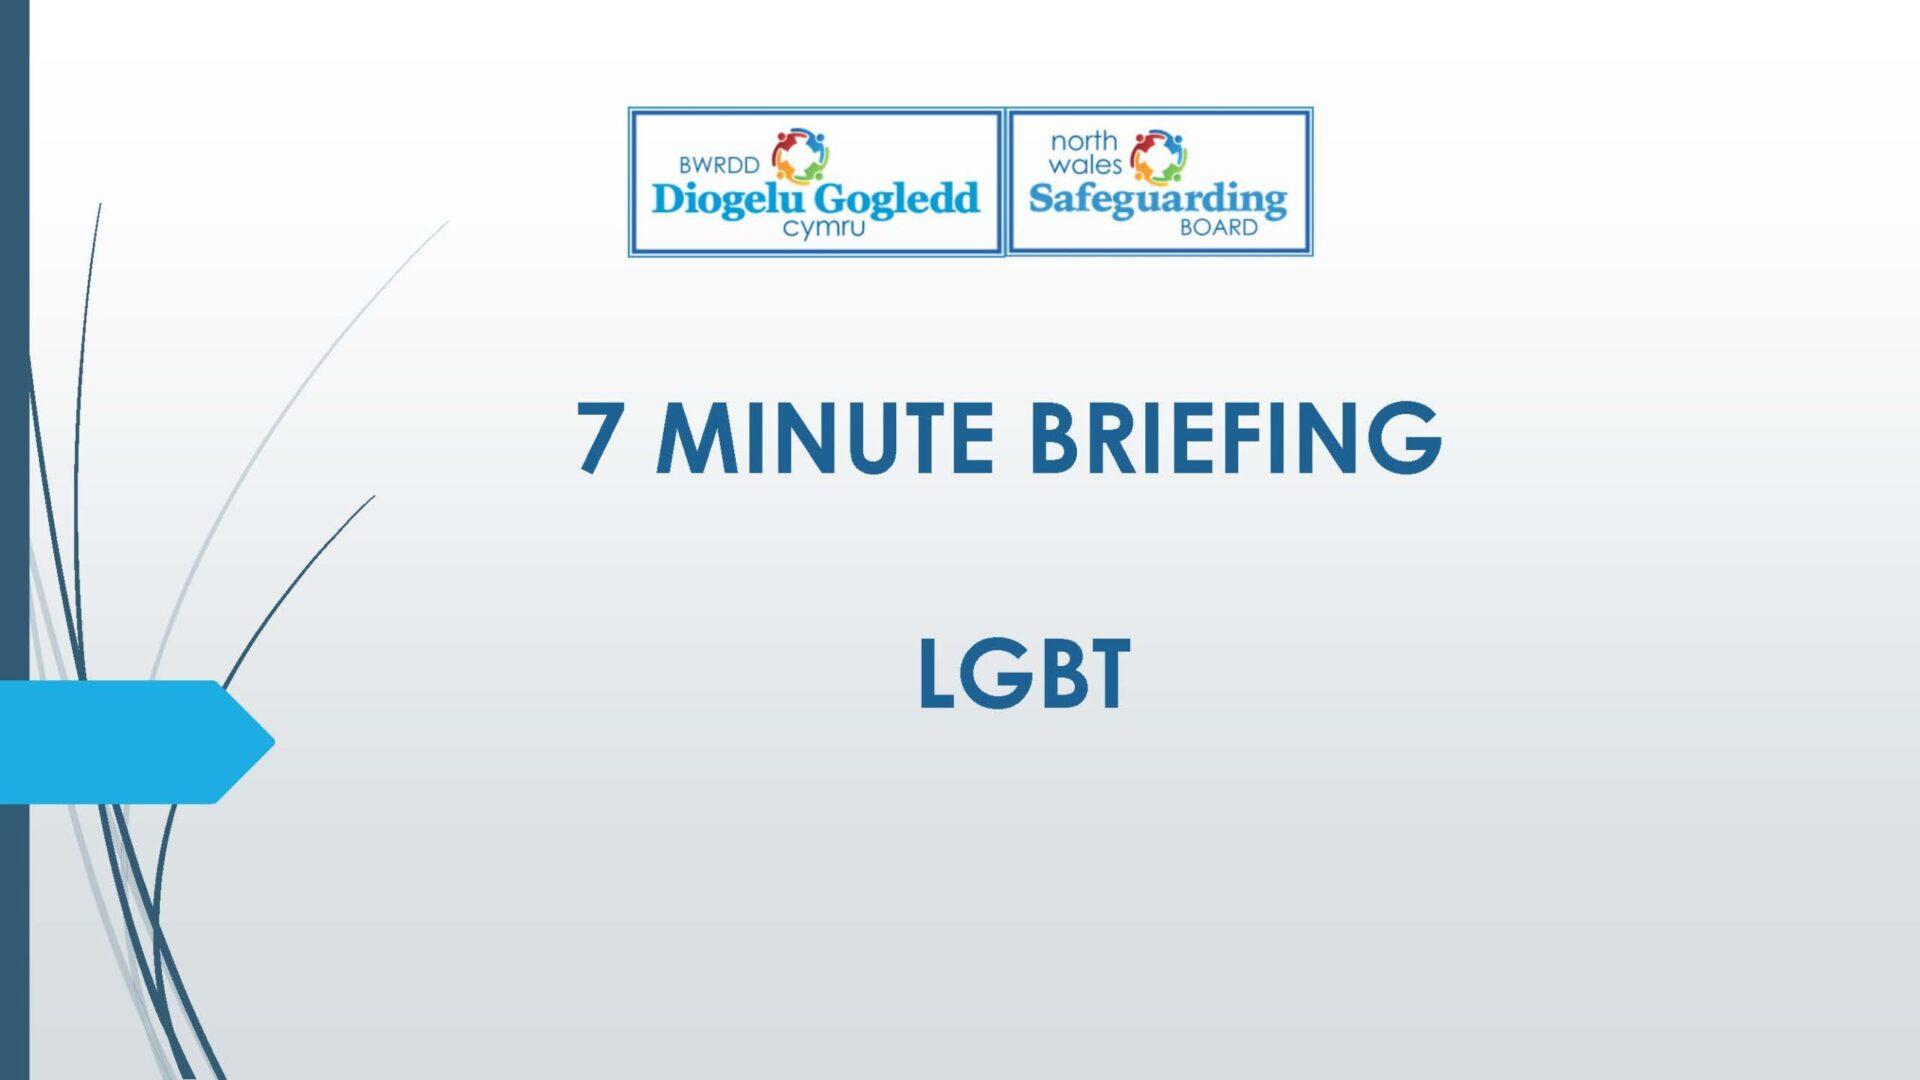 7 Minute Briefing LGBT